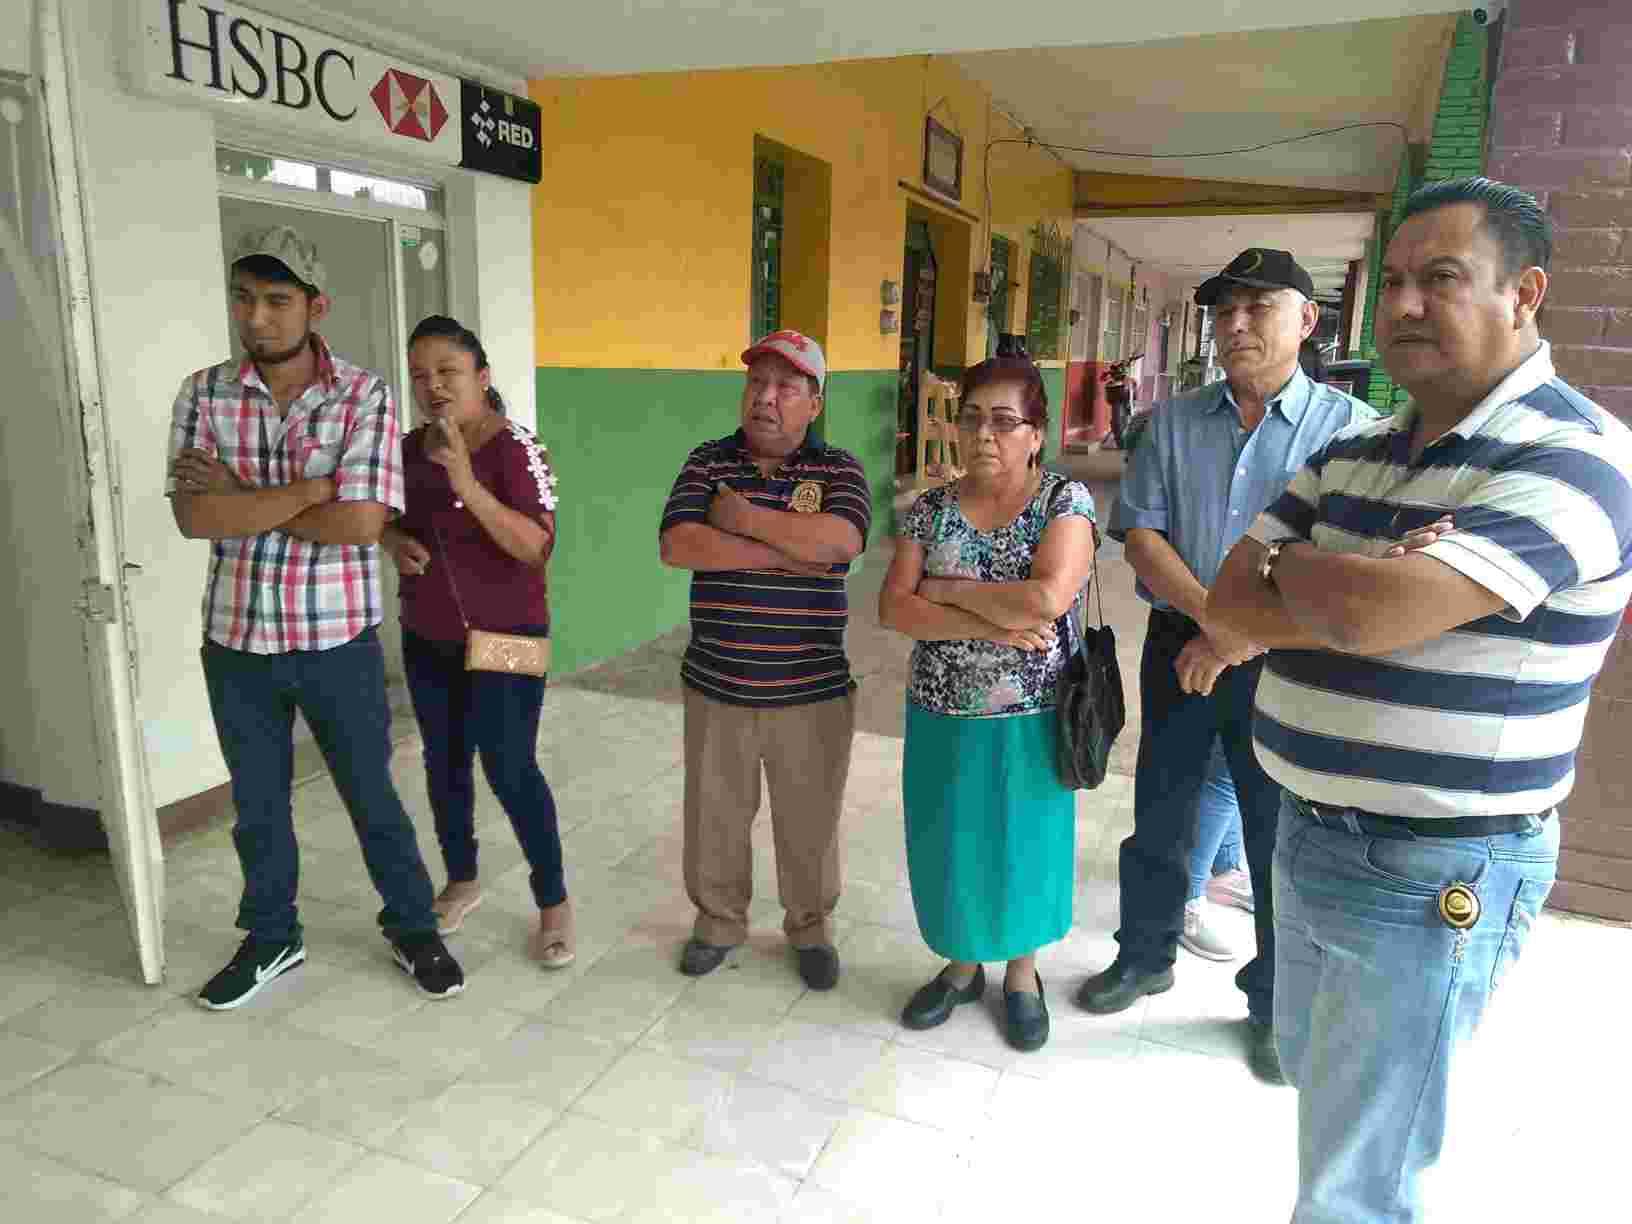 SÍNDICO DE IXHUATLÁN JUEGA A LAS ESCONDIDAS